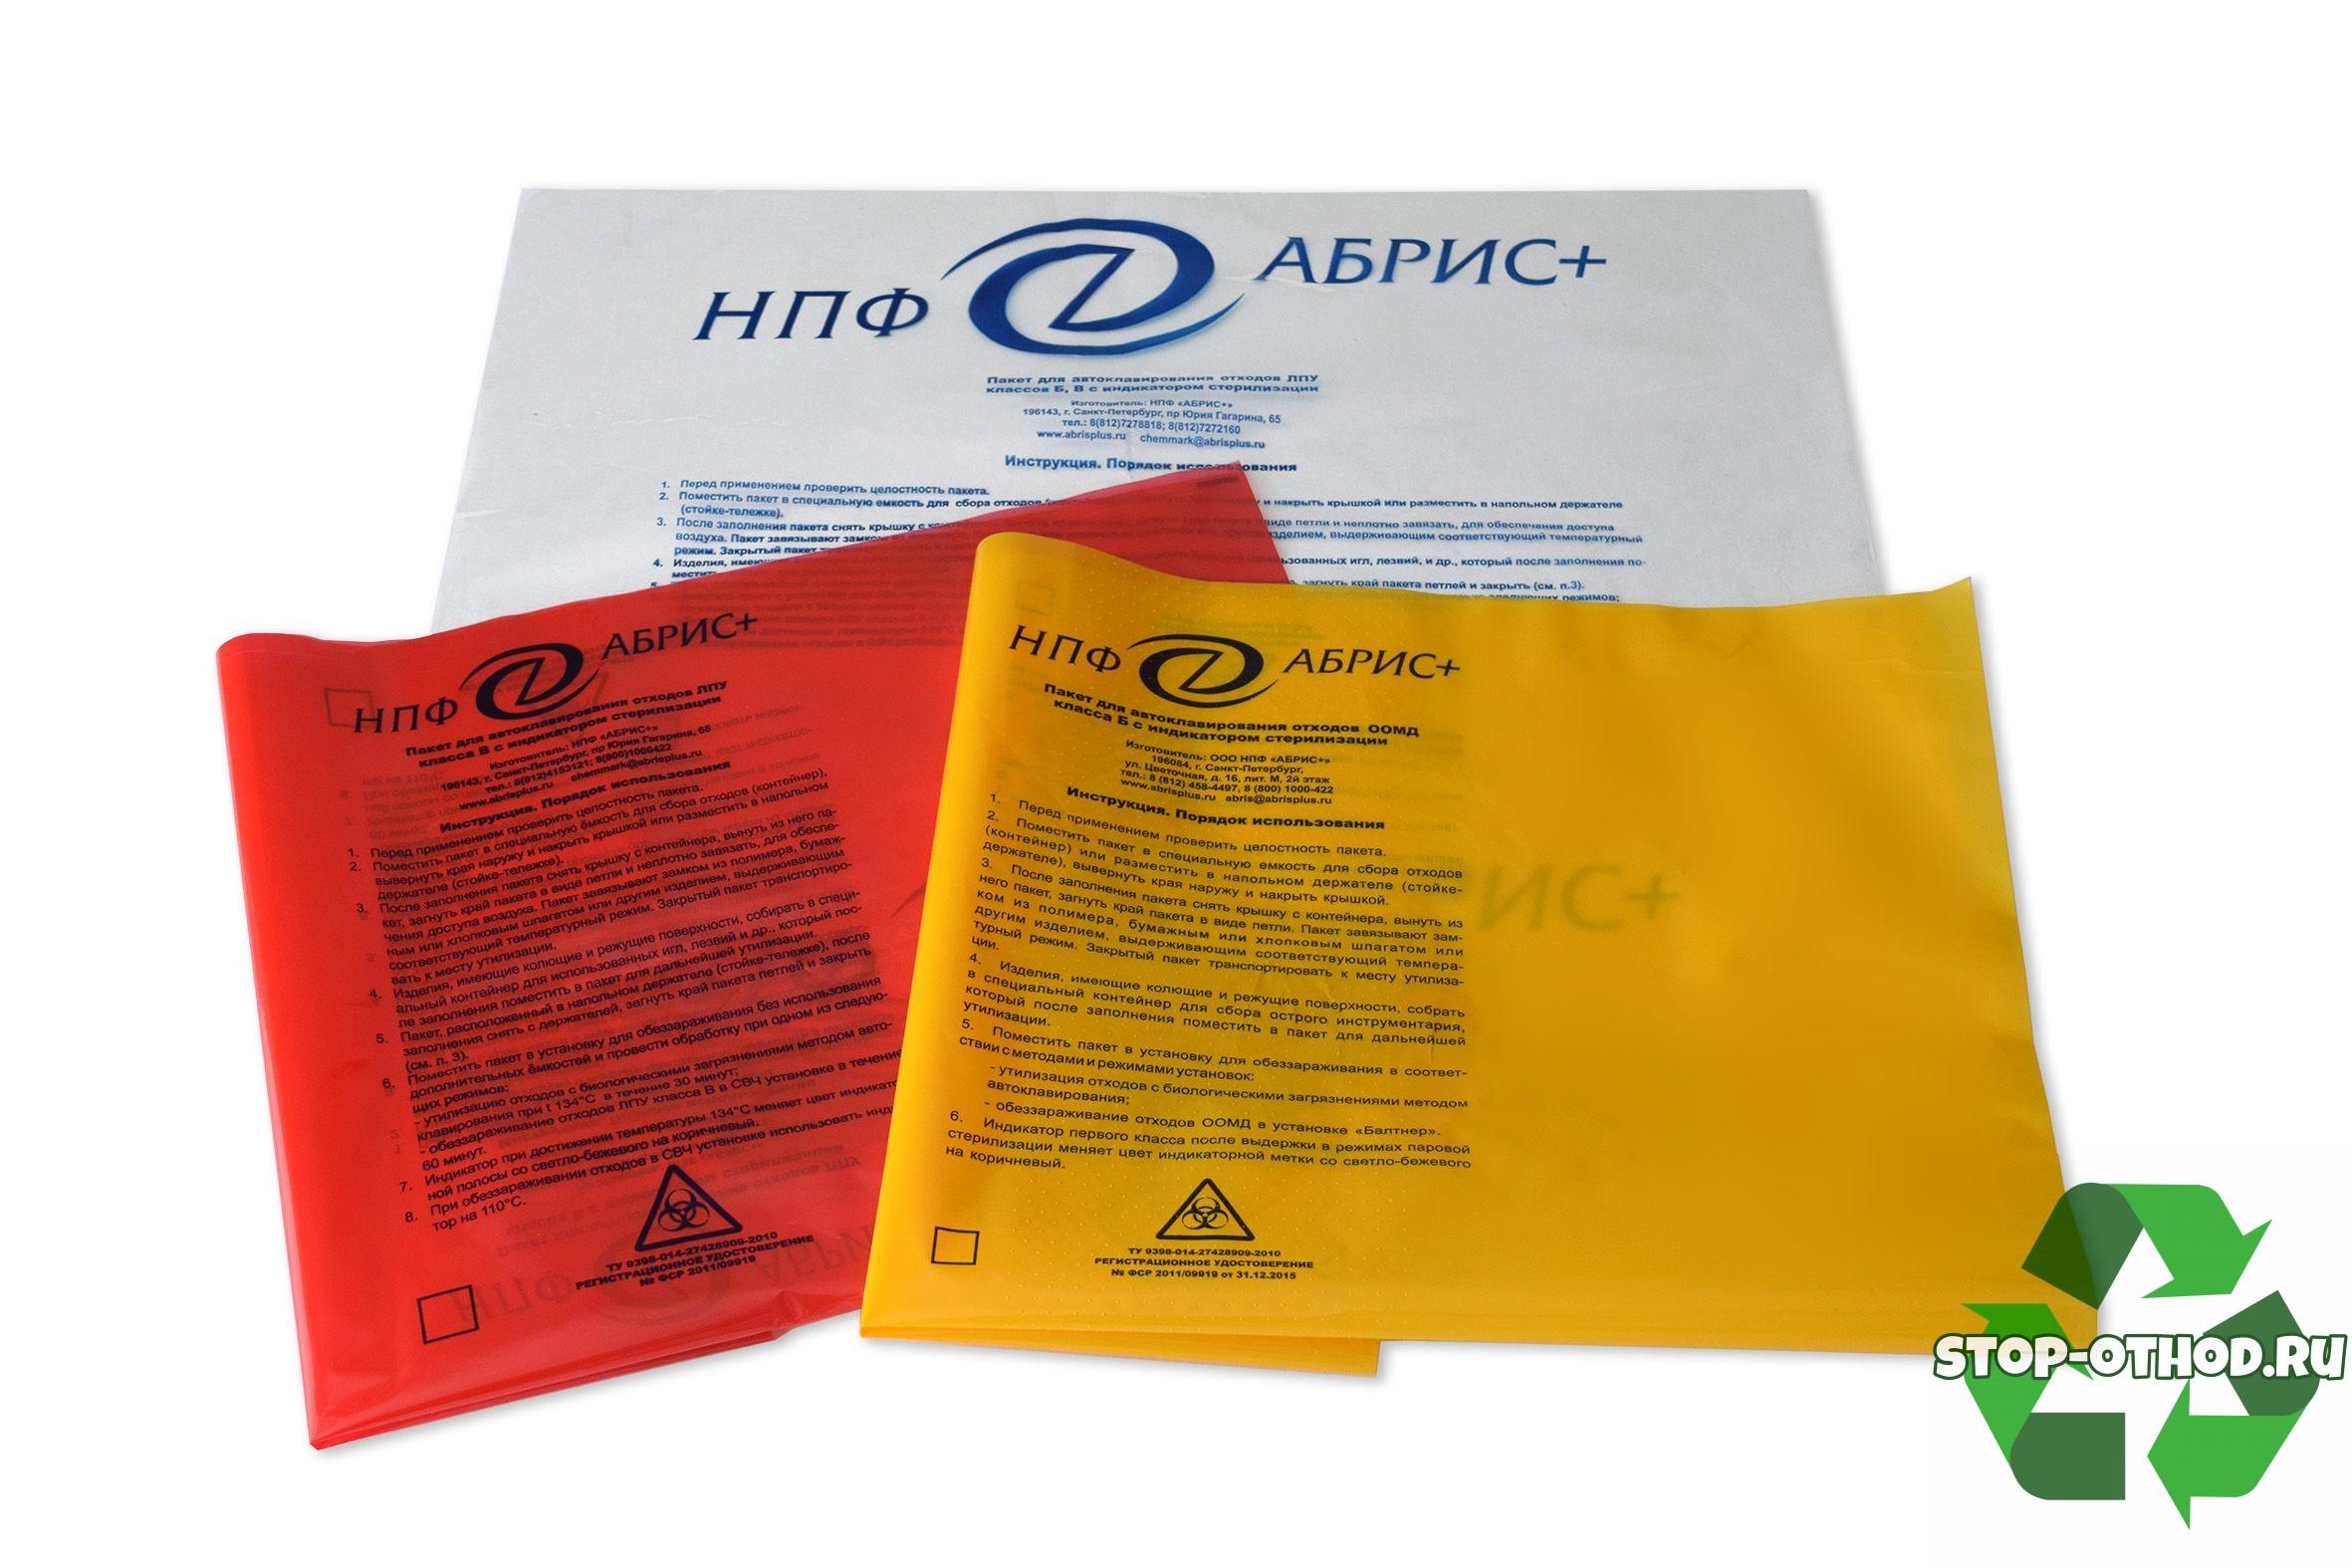 Пакеты для медицинских отходов автоклавируемые